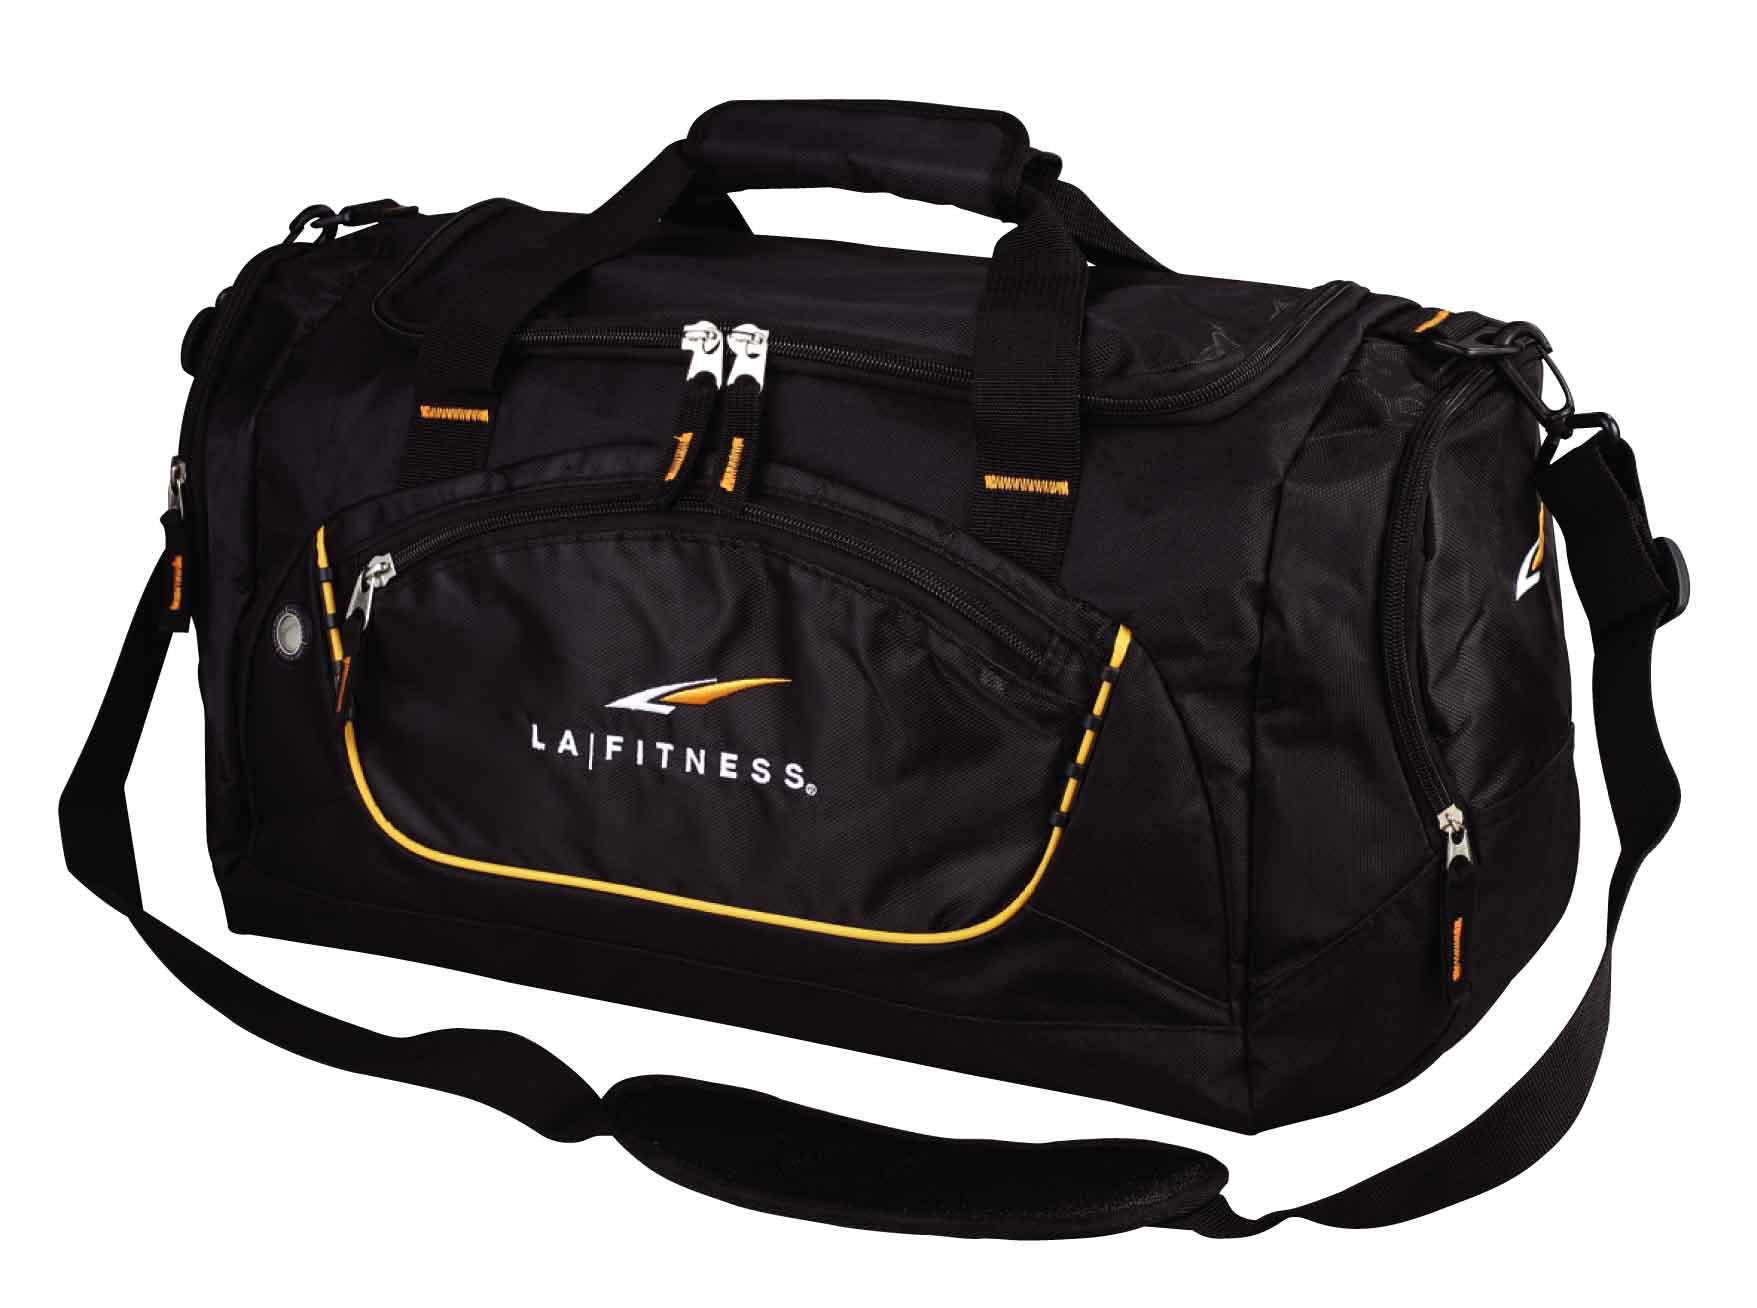 东莞多功能旅行包工厂 订做超大容量手提旅行袋 专业旅行包加工